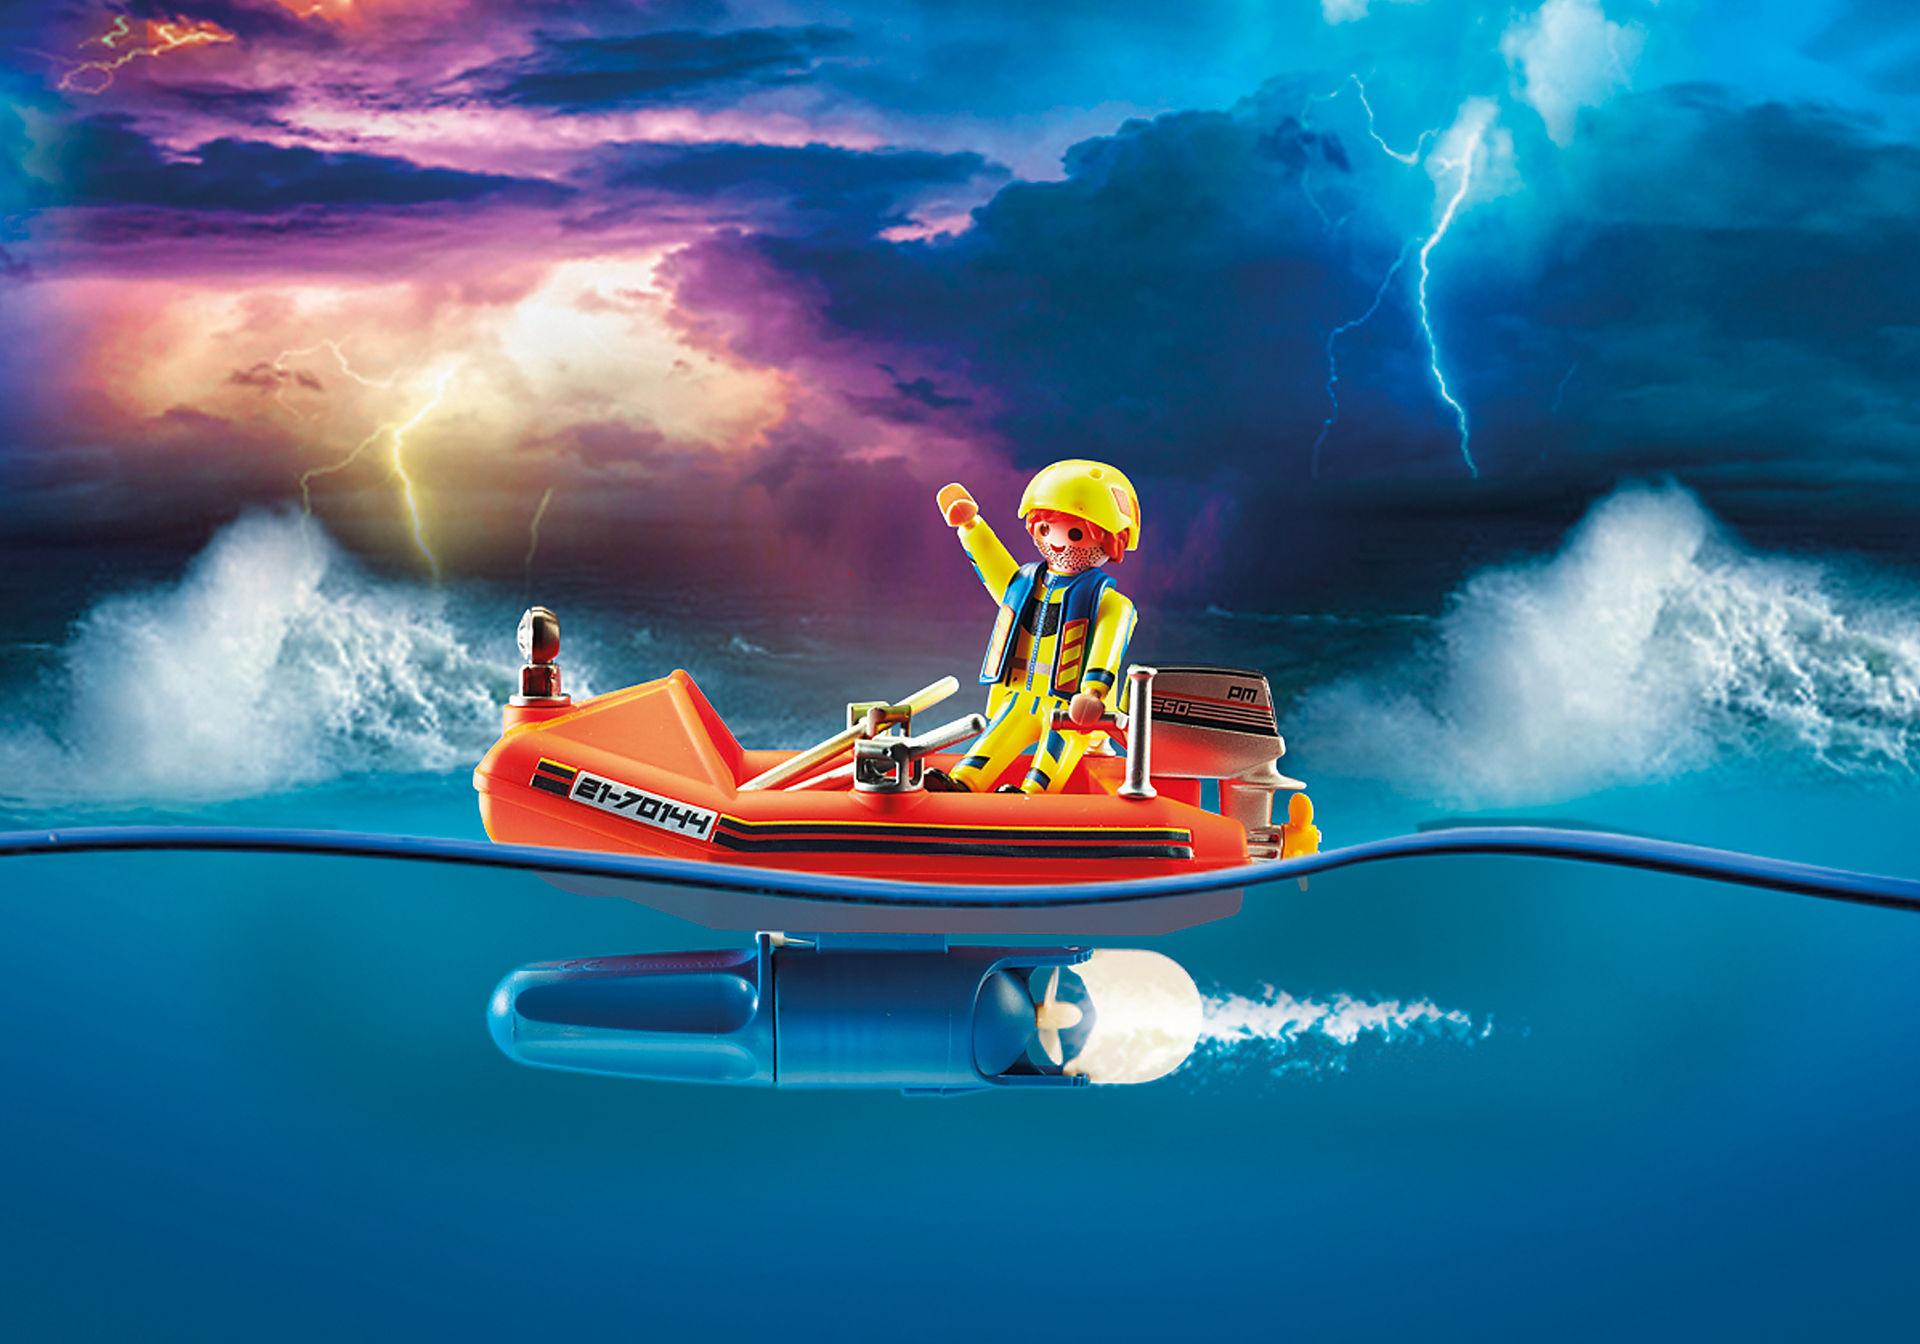 70144 Redding op zee: kitesurfersredding met boot zoom image4